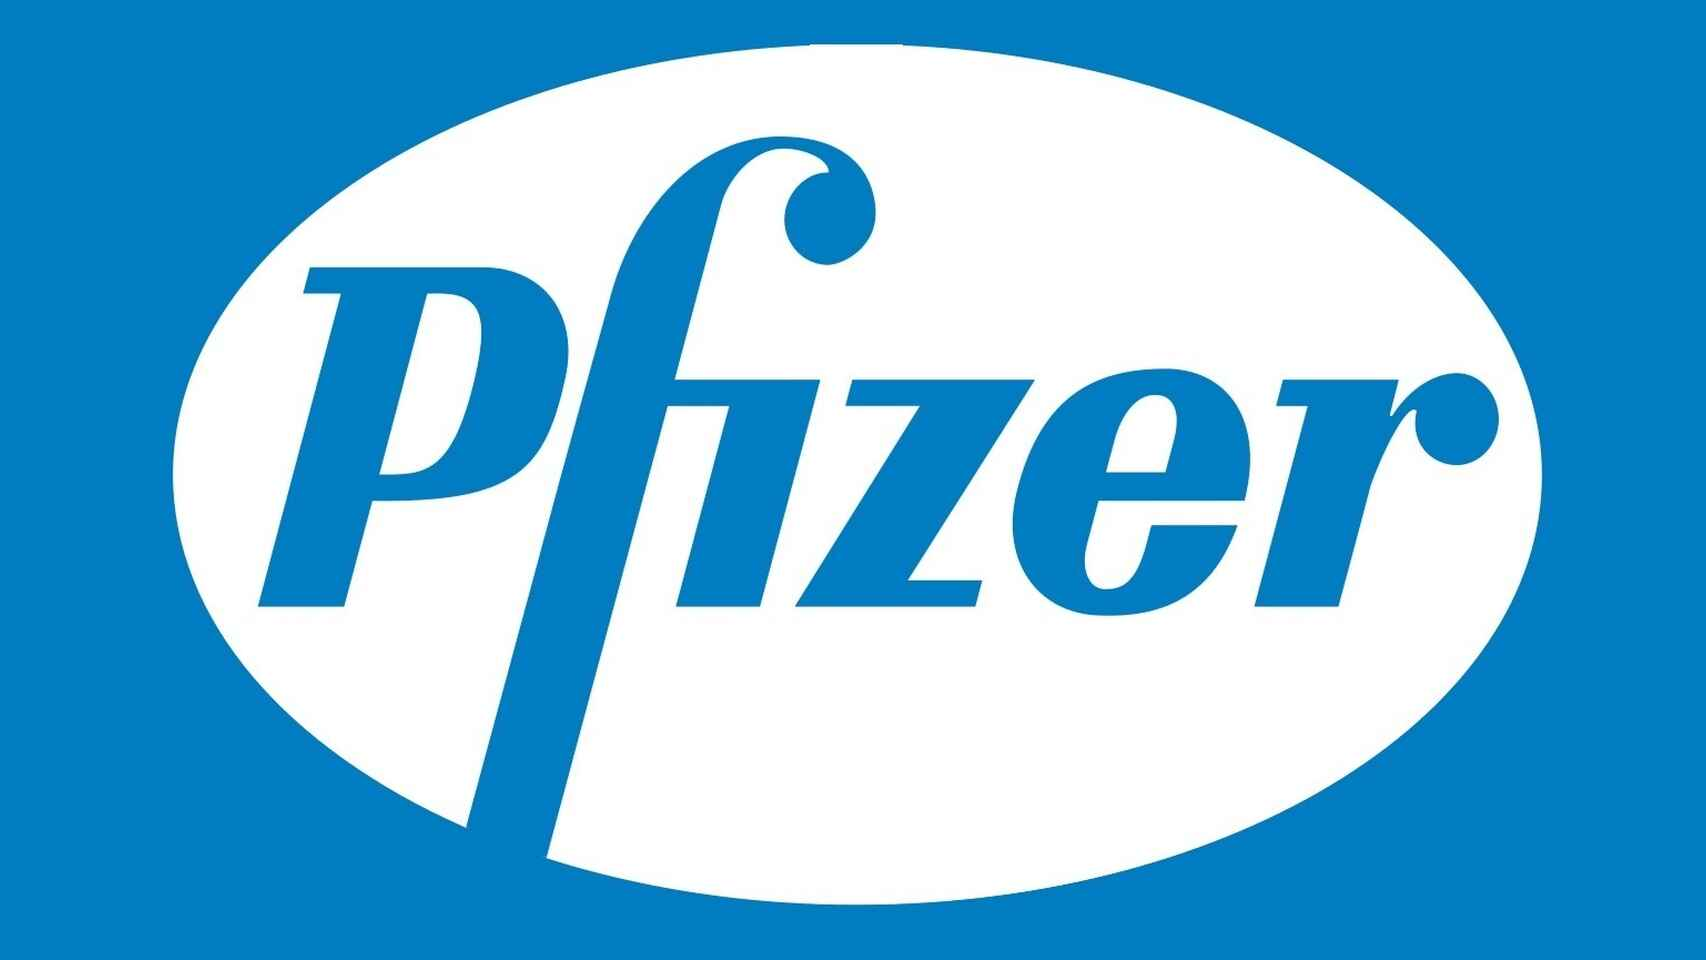 ACCIONES PFIZER